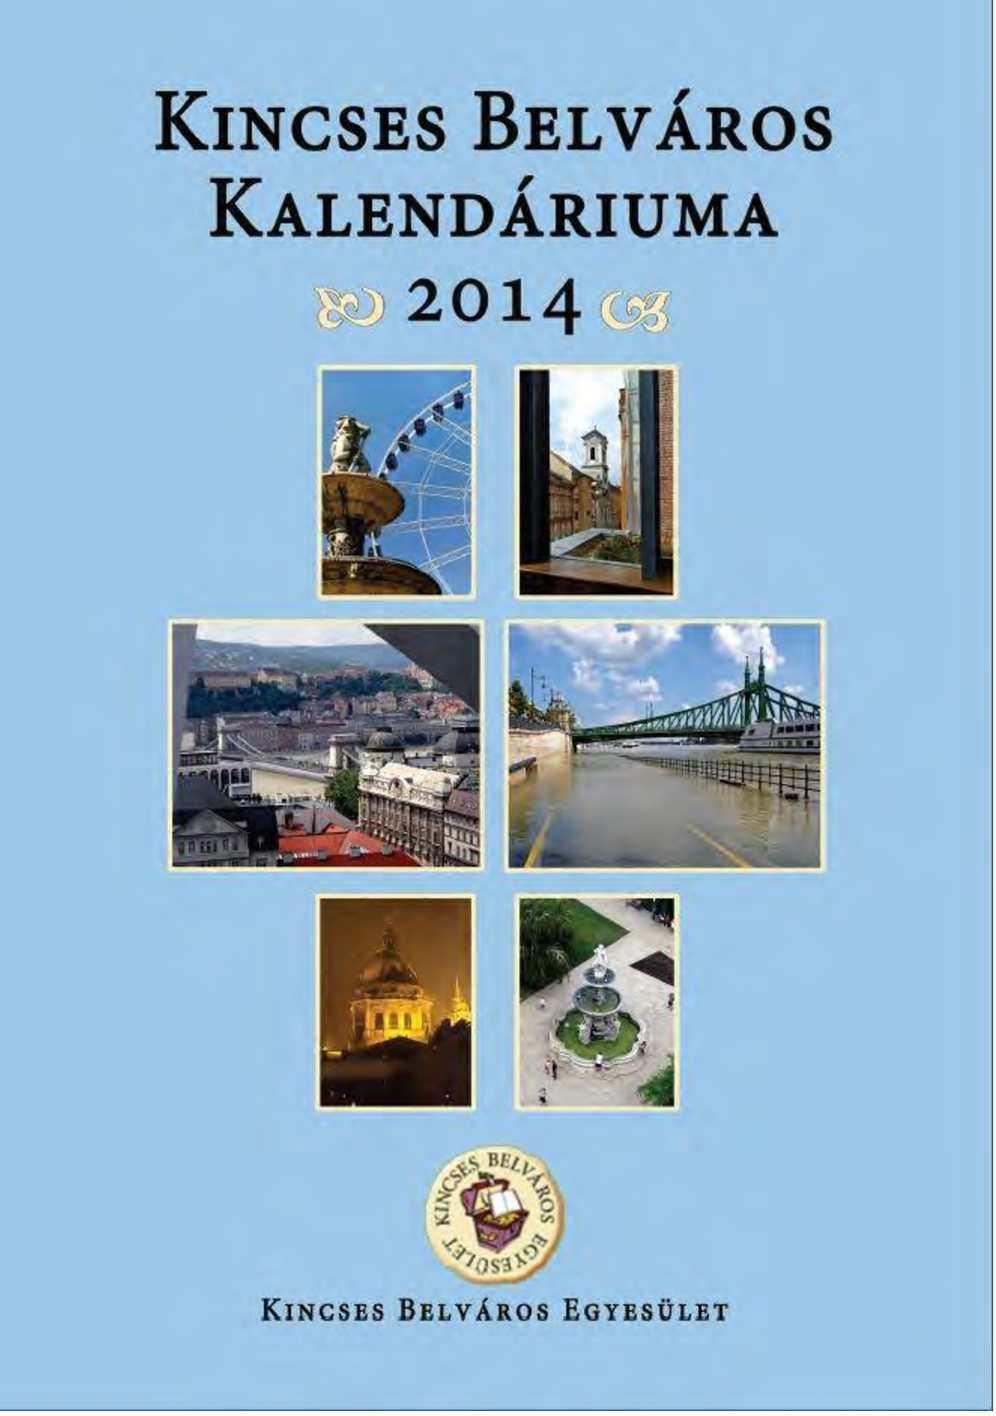 Calaméo - Kincses Belváros Kalendárium 2014 f73f70b2dc